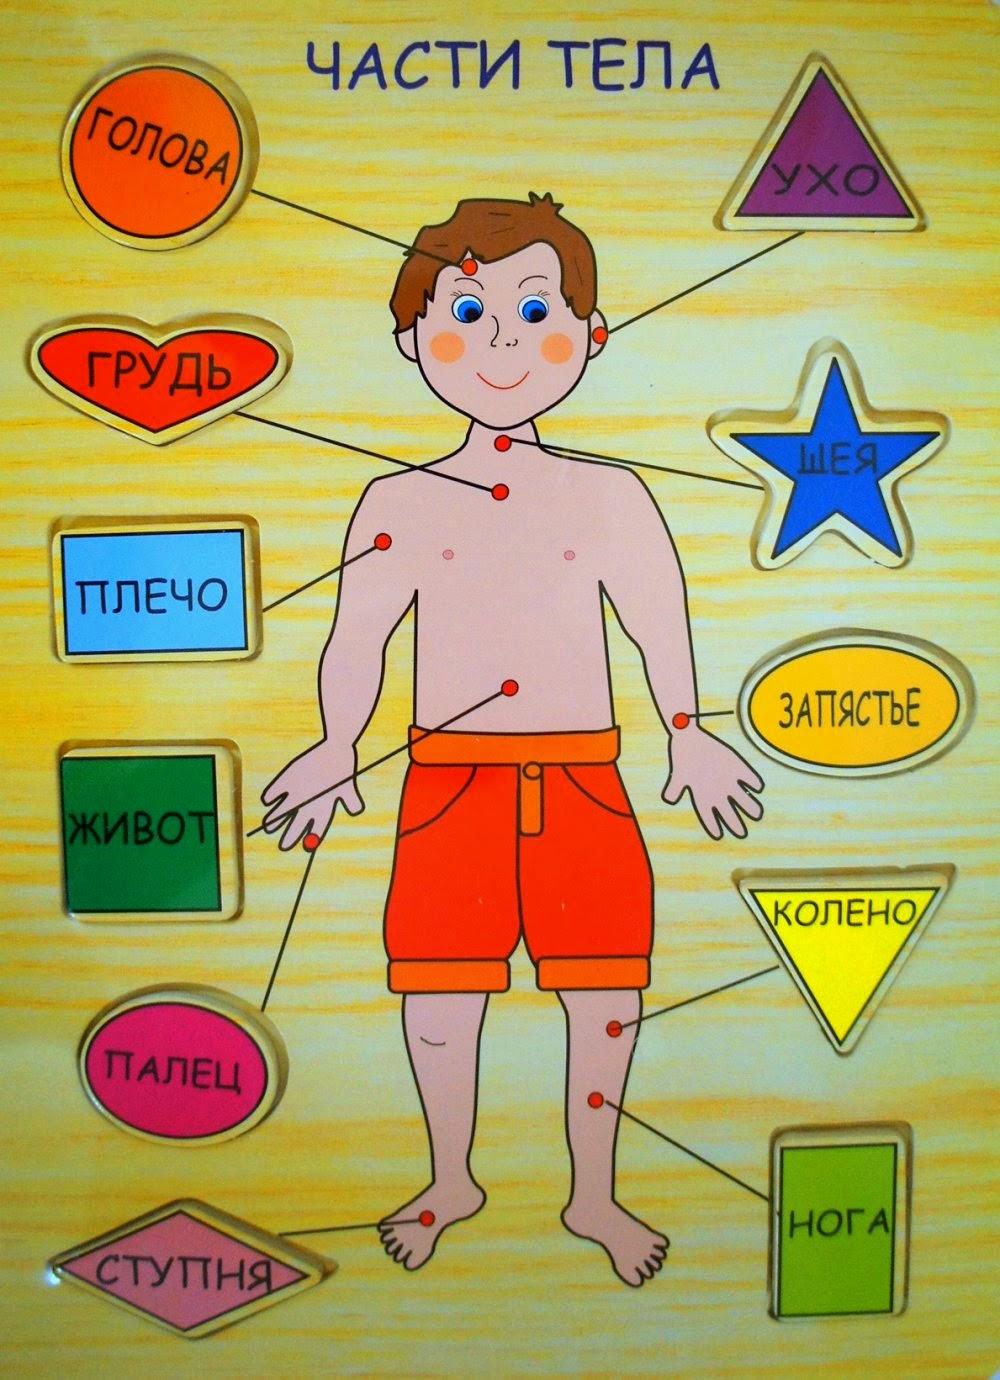 Дать детям представления о строении собственного тела, расширять представления о своем организме, о его строении.